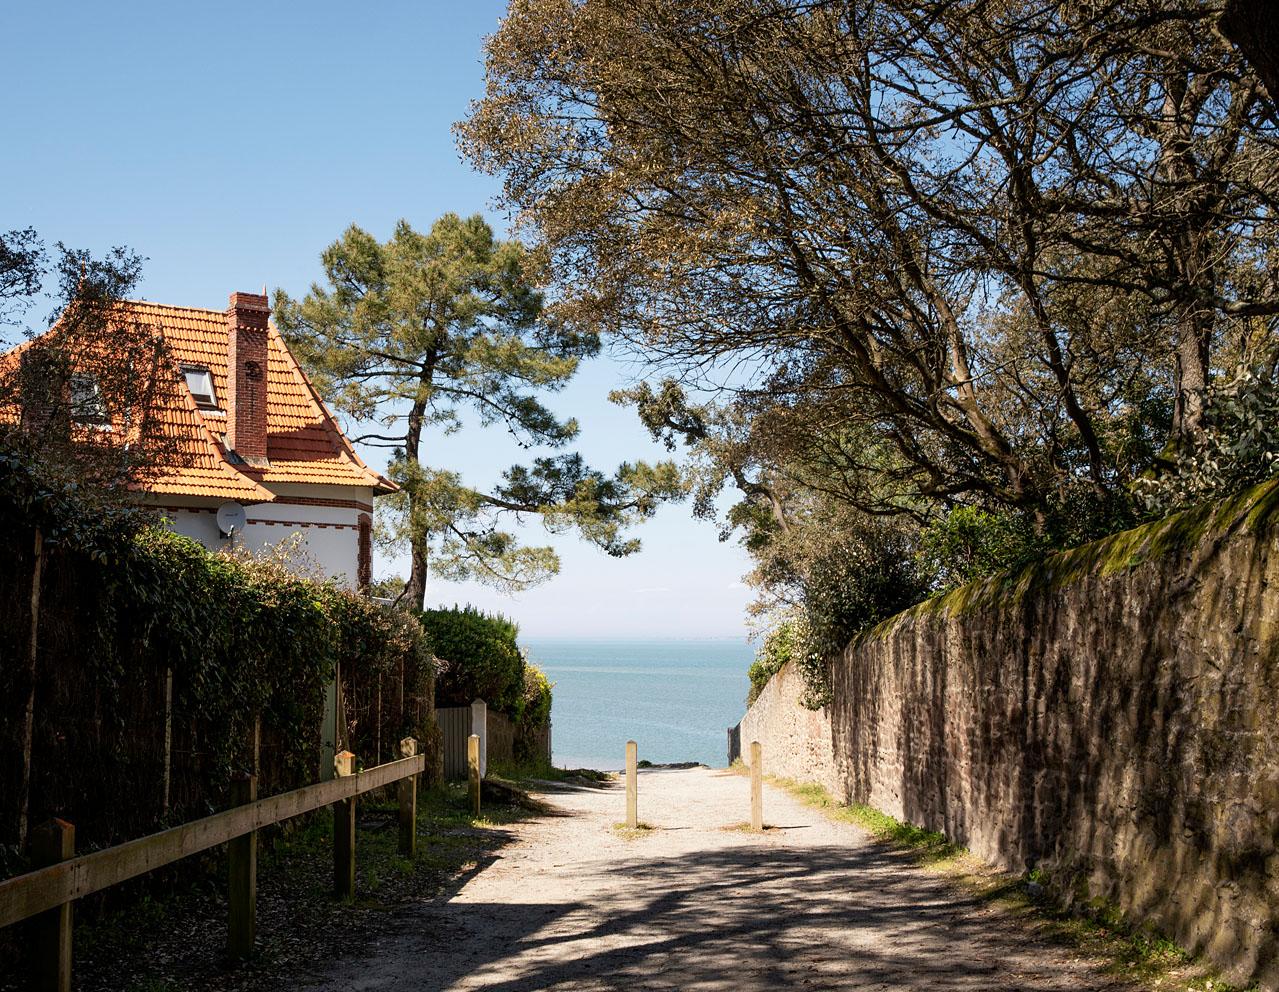 Samedi 11 avril 2020, Chemin d'accès à la plage des Souzeaux, île de Noirmoutier.